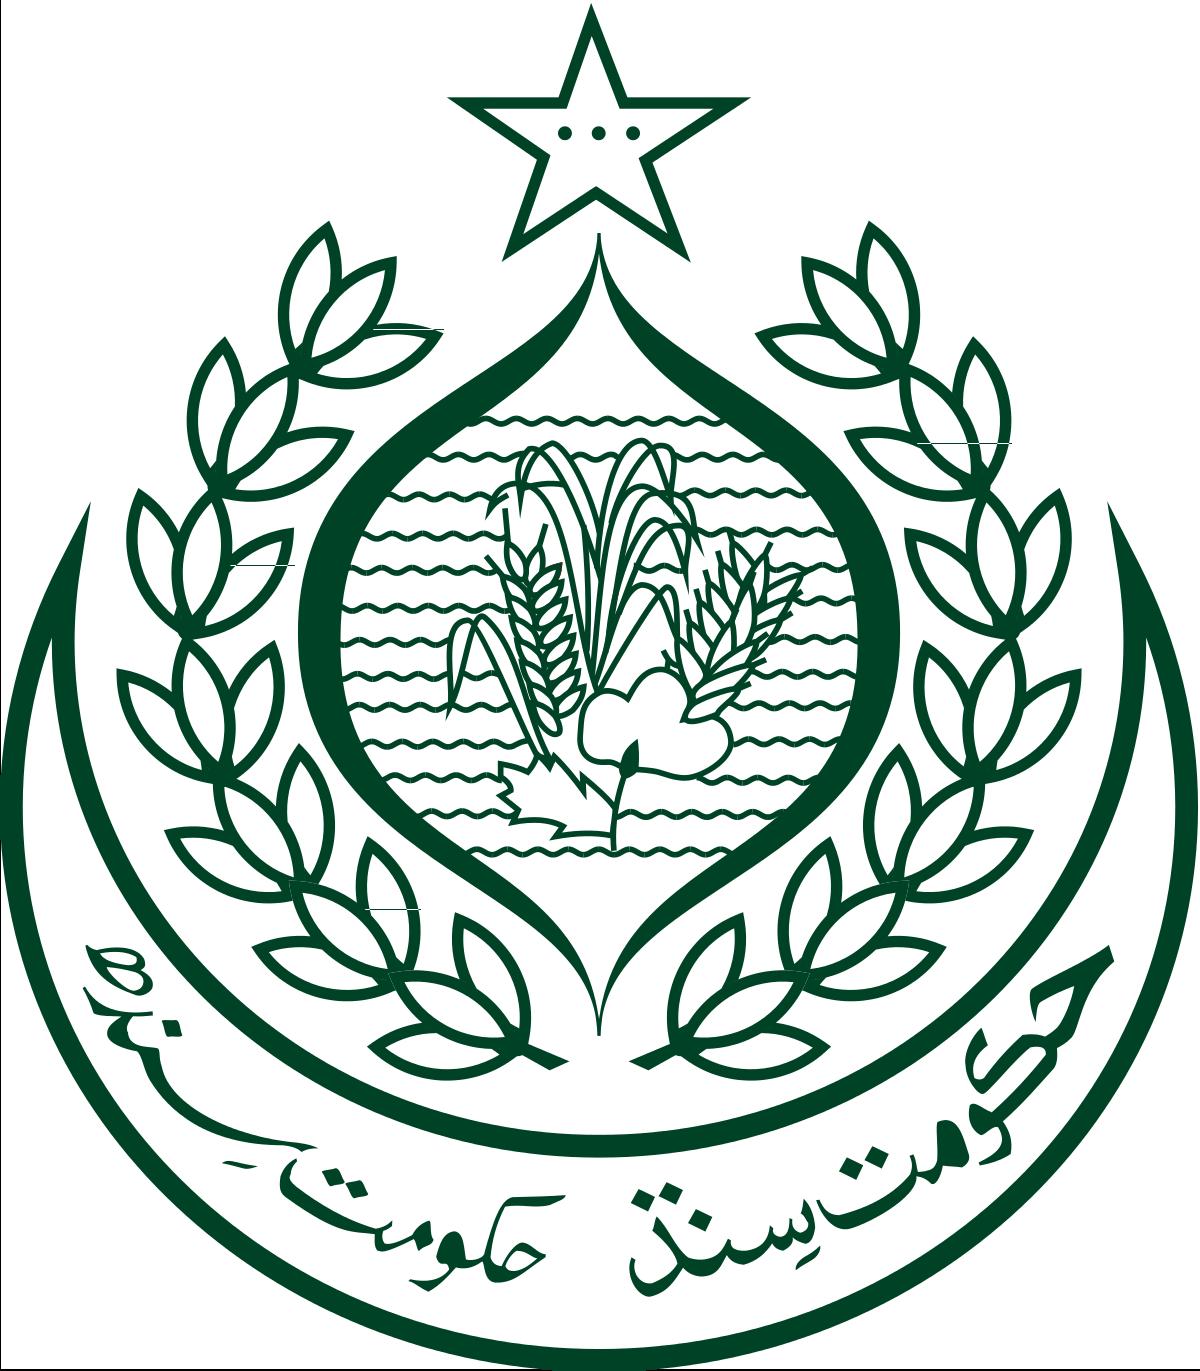 قانون،اطلاعات ،بلدیات سندھ میں غیرقانونی بھرتیوں کی تفصیلات طلب